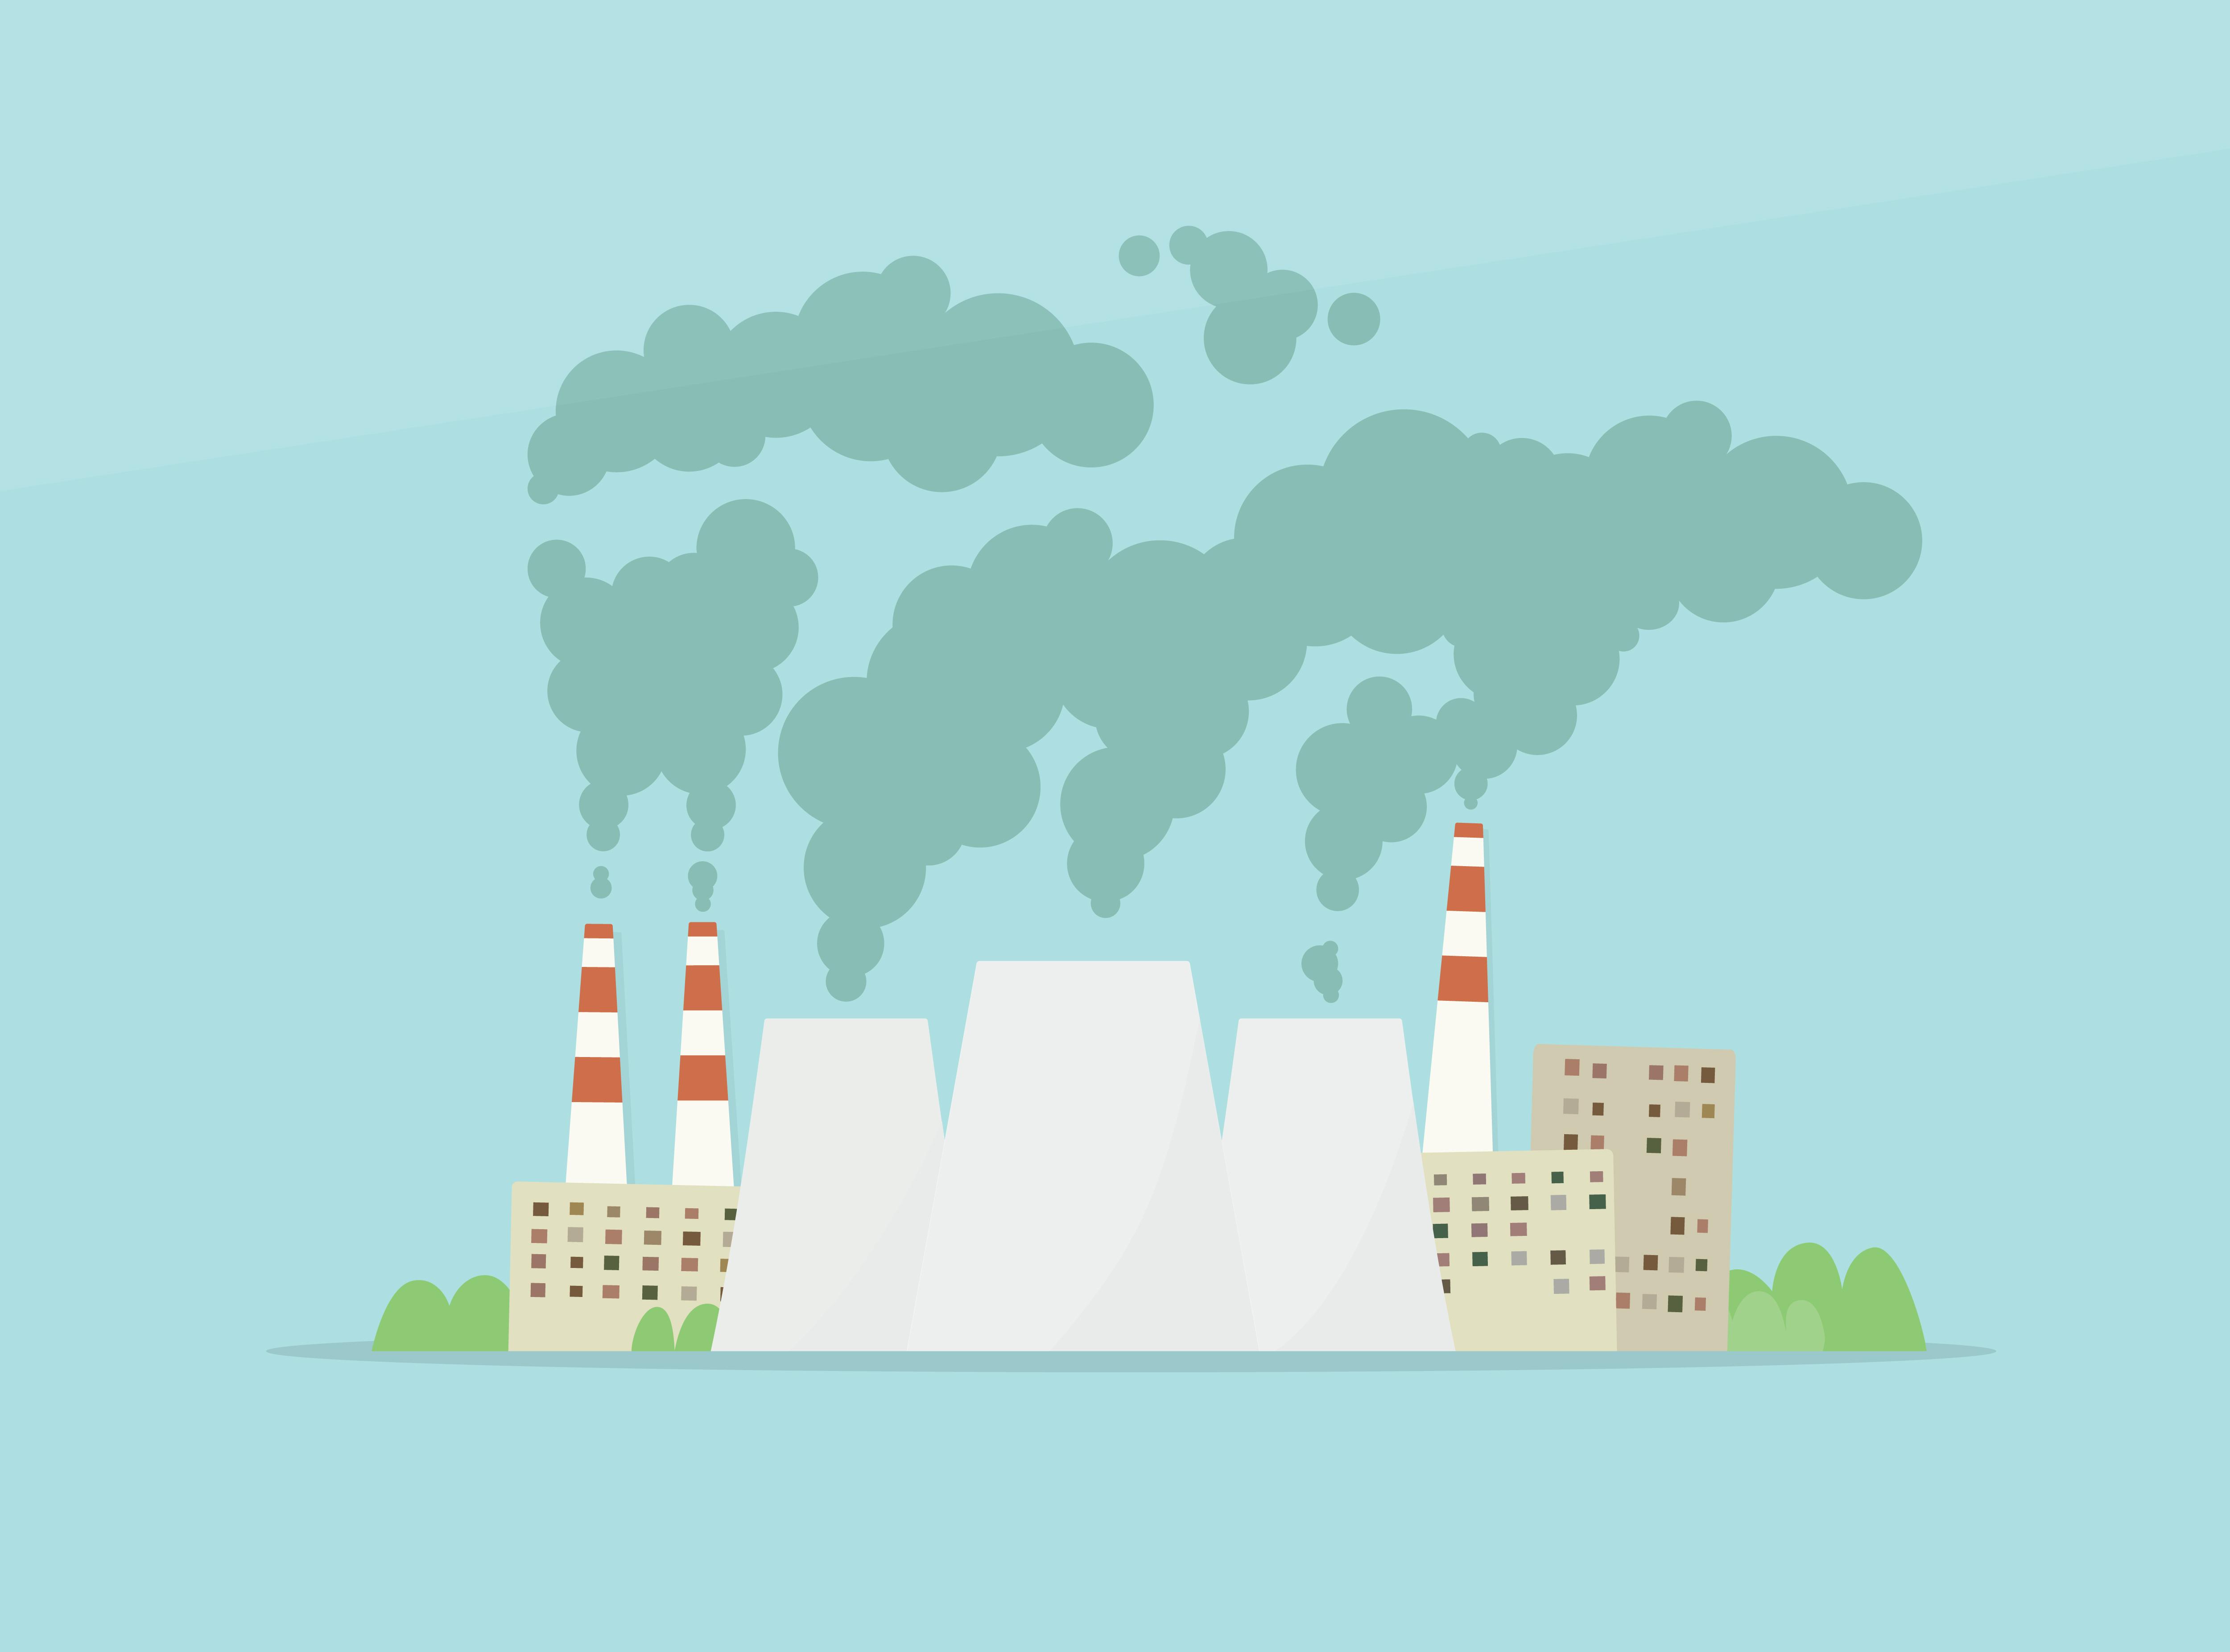 Crédit : pollution par Shutterstock